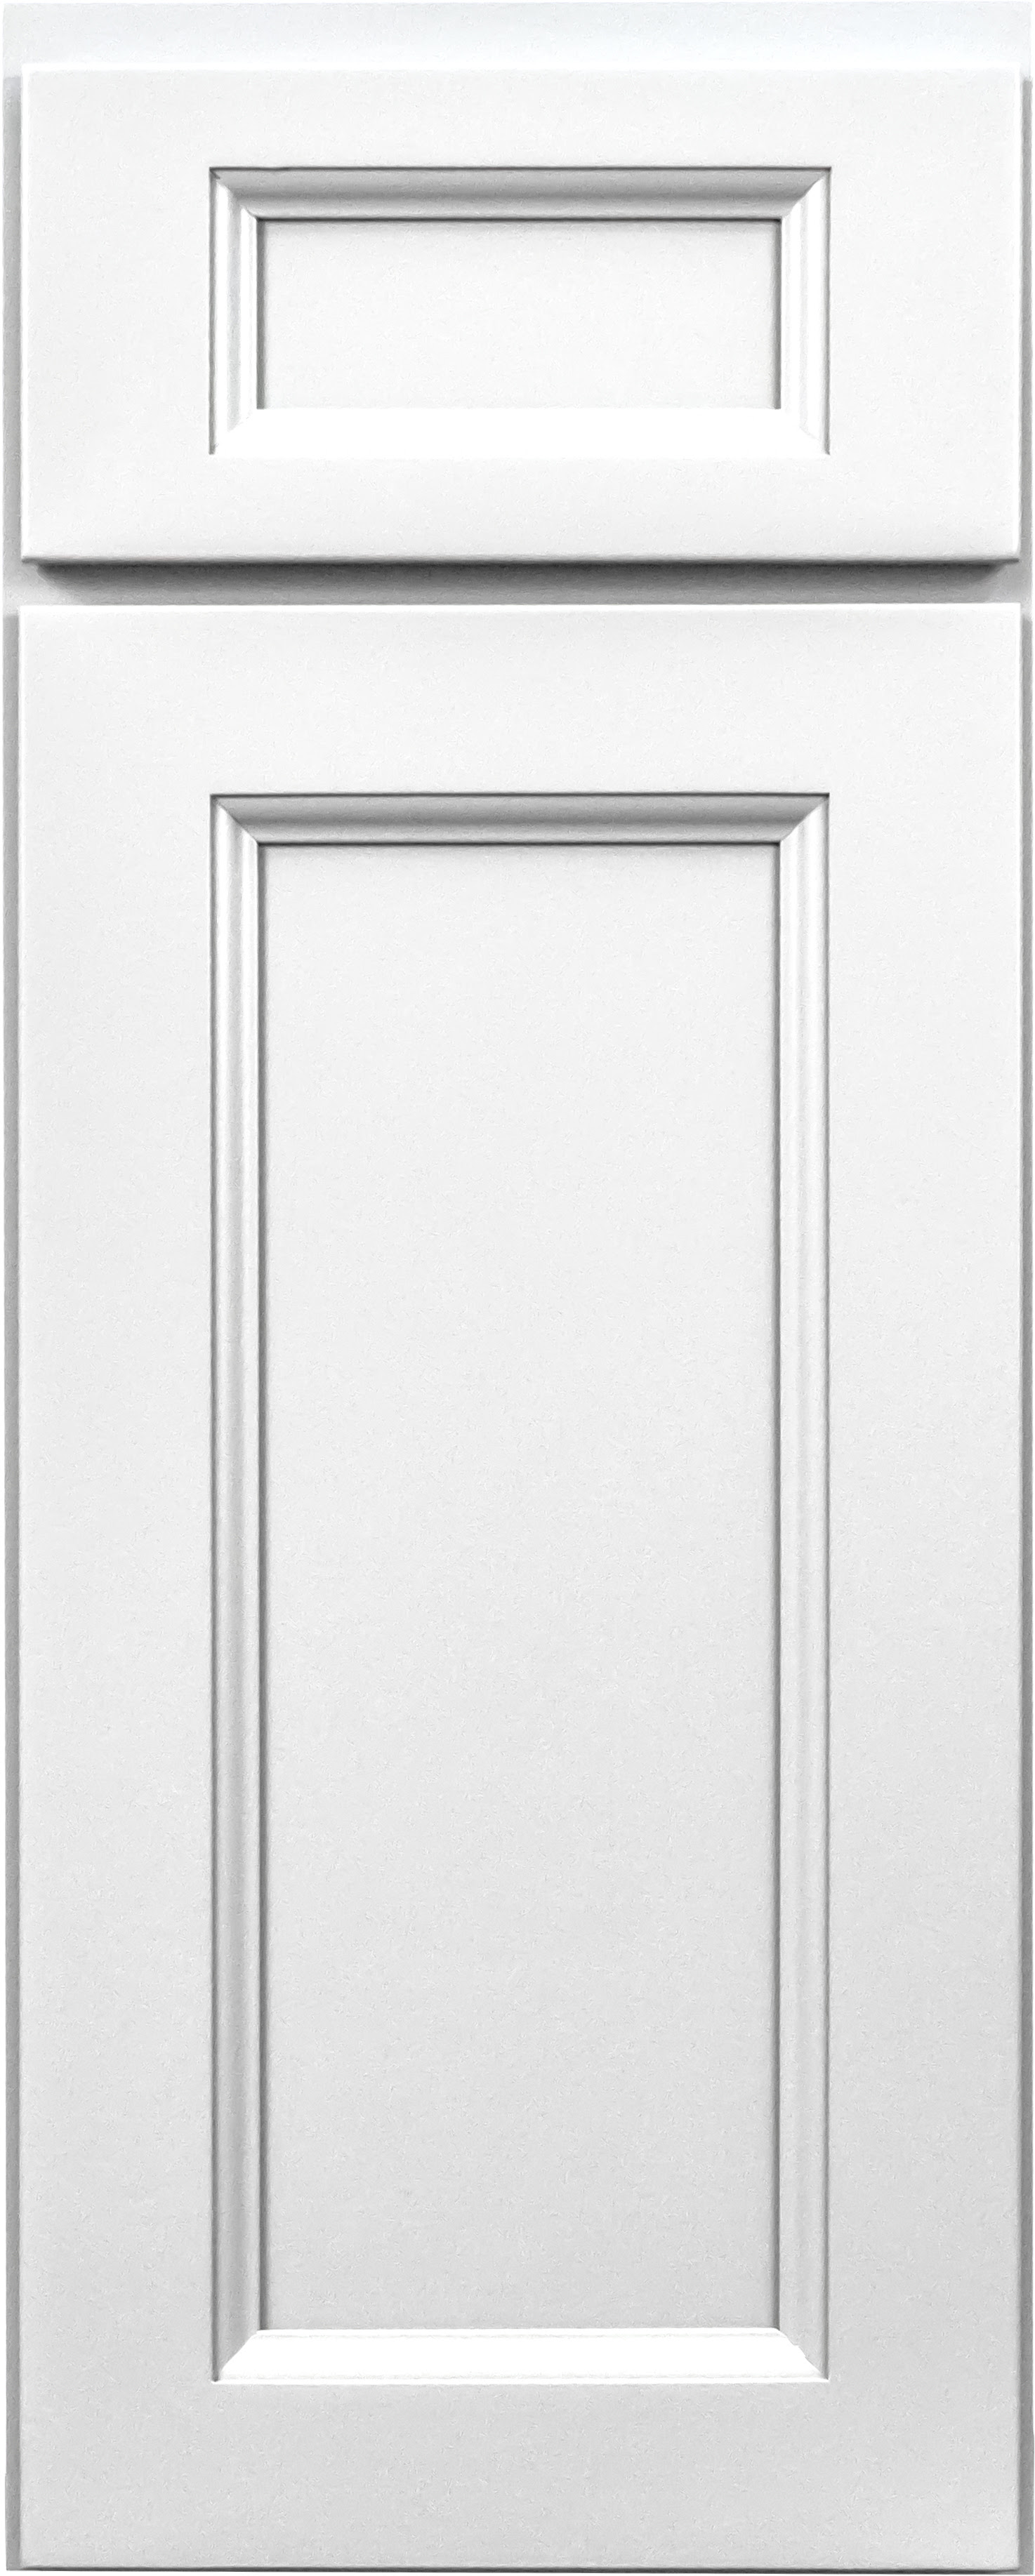 Buy RTA Newport White Shaker Kitchen Cabinets, Shop White ...